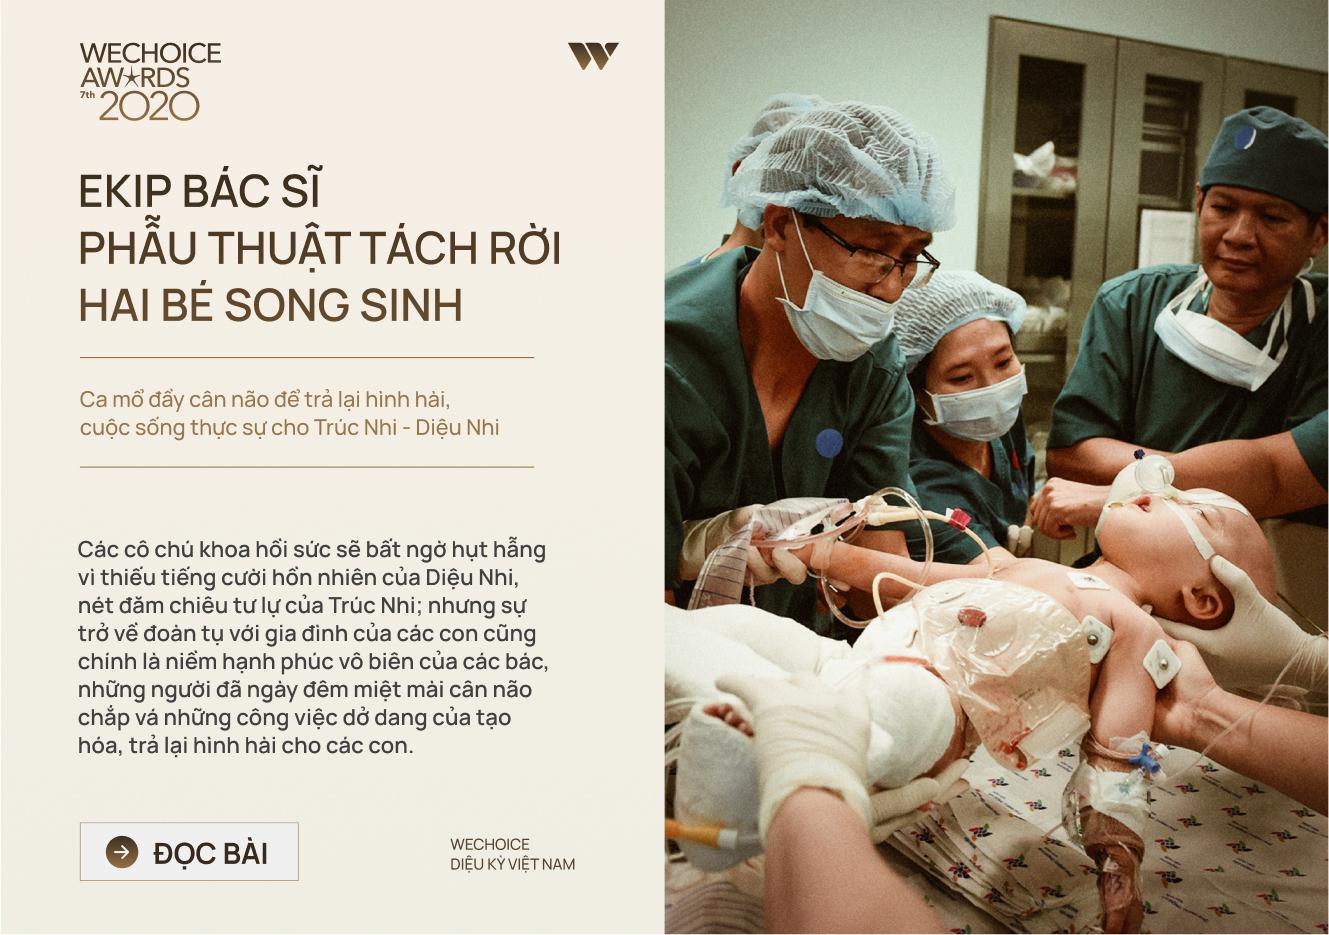 20 đề cử nhân vật truyền cảm hứng của WeChoice Awards 2020: Những câu chuyện tạo nên Diệu kỳ Việt Nam - Ảnh 3.